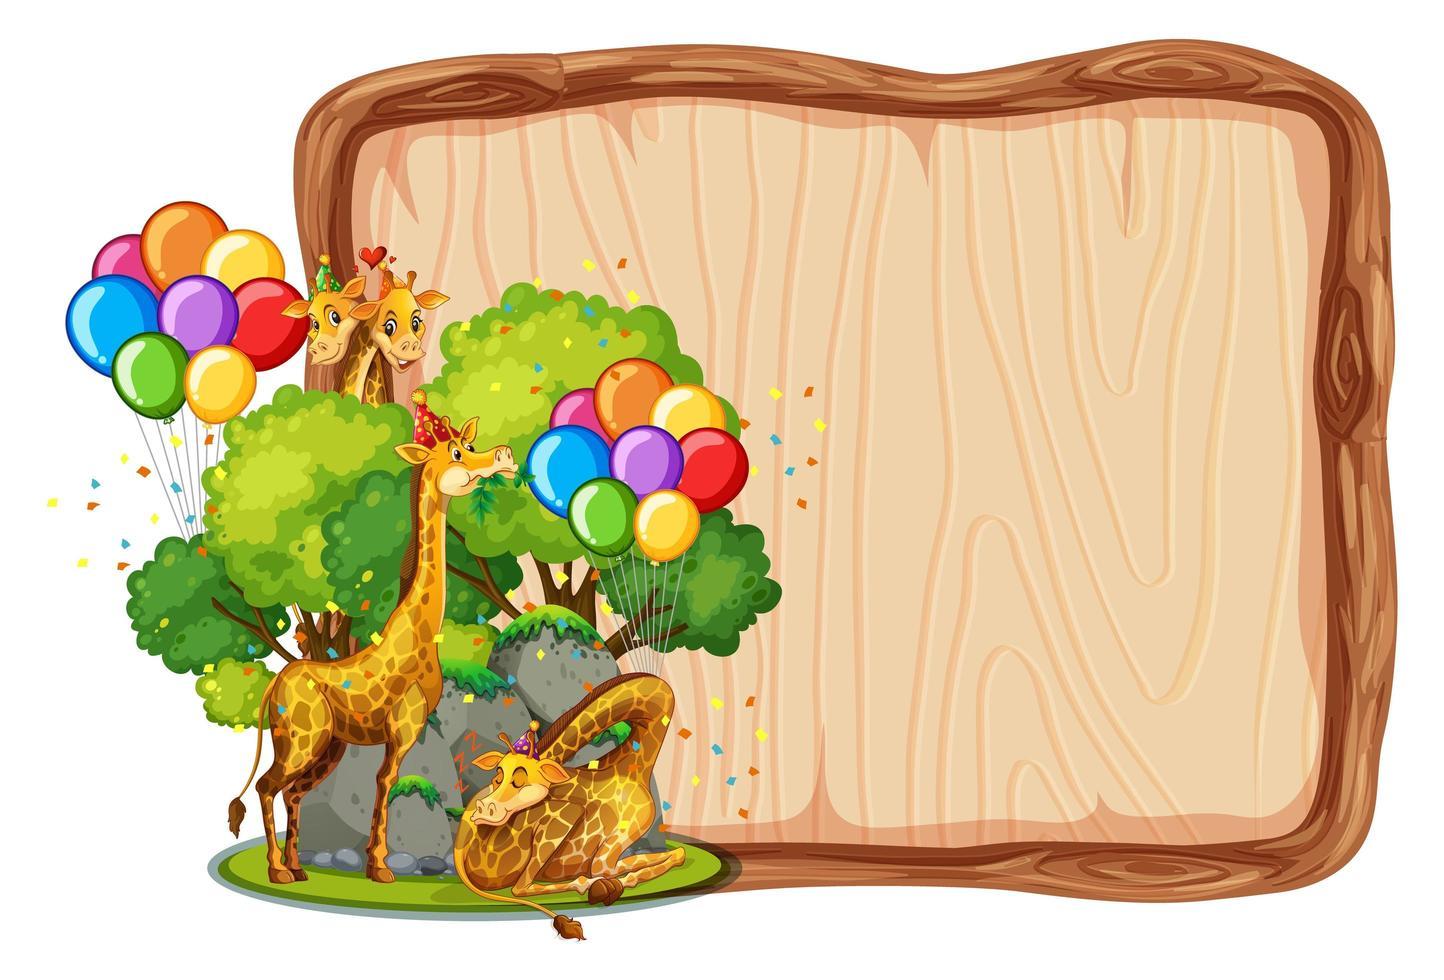 modello di tavola di legno vuoto con giraffe in tema di partito isolato vettore